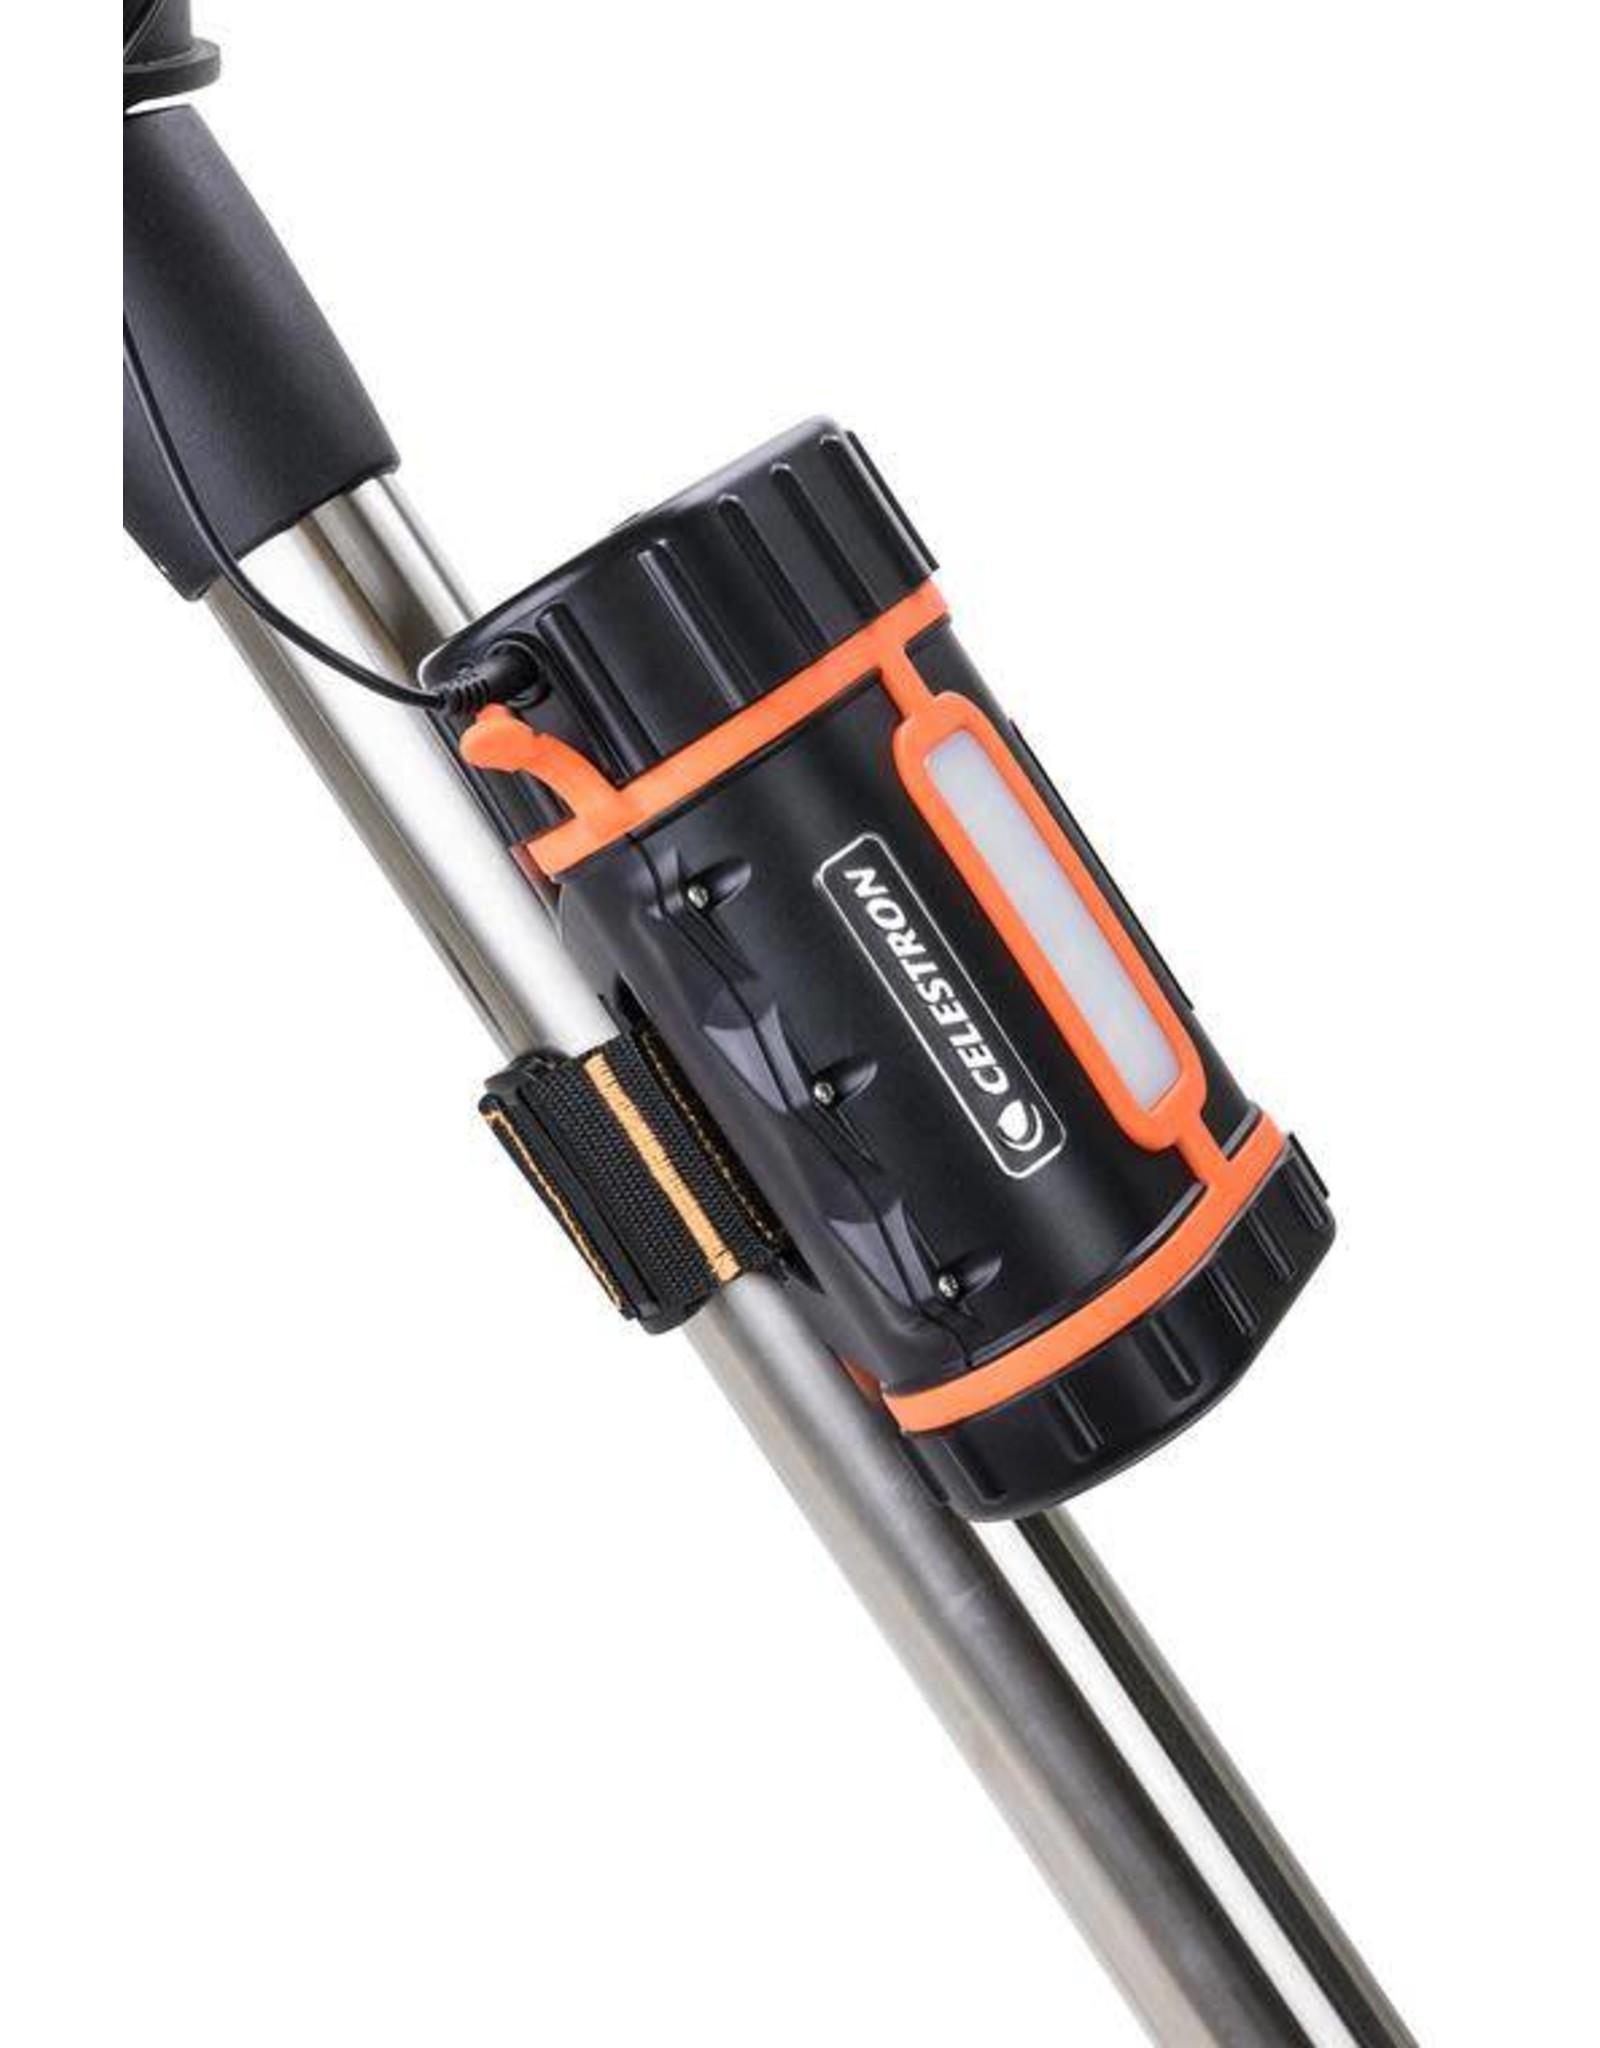 Celestron Celestron PowerTank Lithium Pro